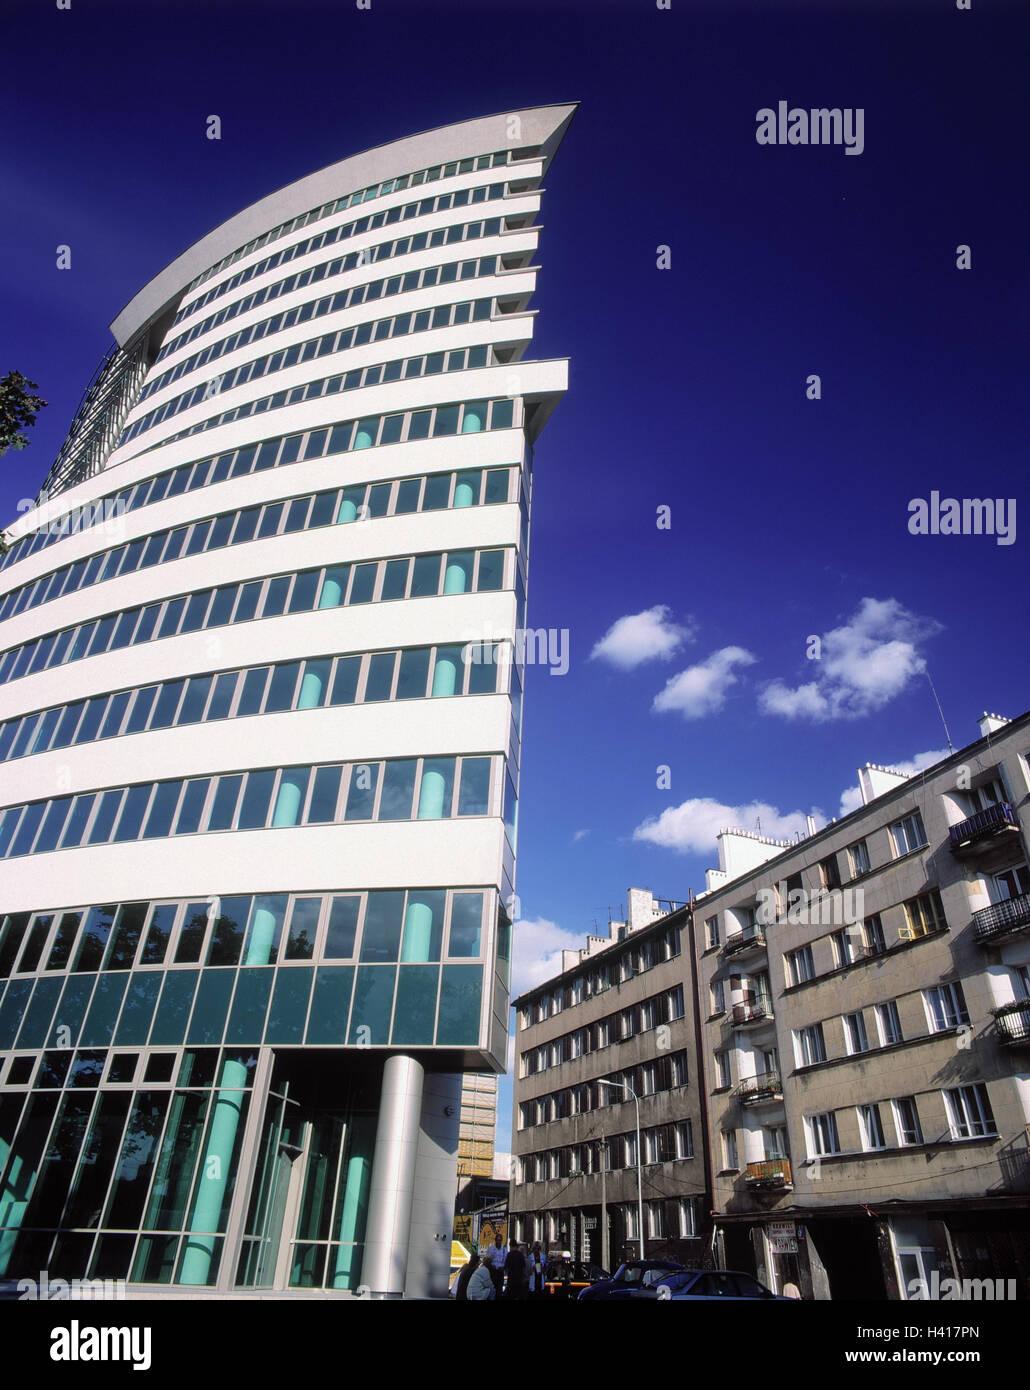 ... Hochhaus, Bürogebäude, Wohnhäuser, Architektur, Kontrast Warszawa,  Hauptstadt, Bürohochhaus, Hausfassaden, Fensterfront, Architektonischen  Stil, Modern, ...